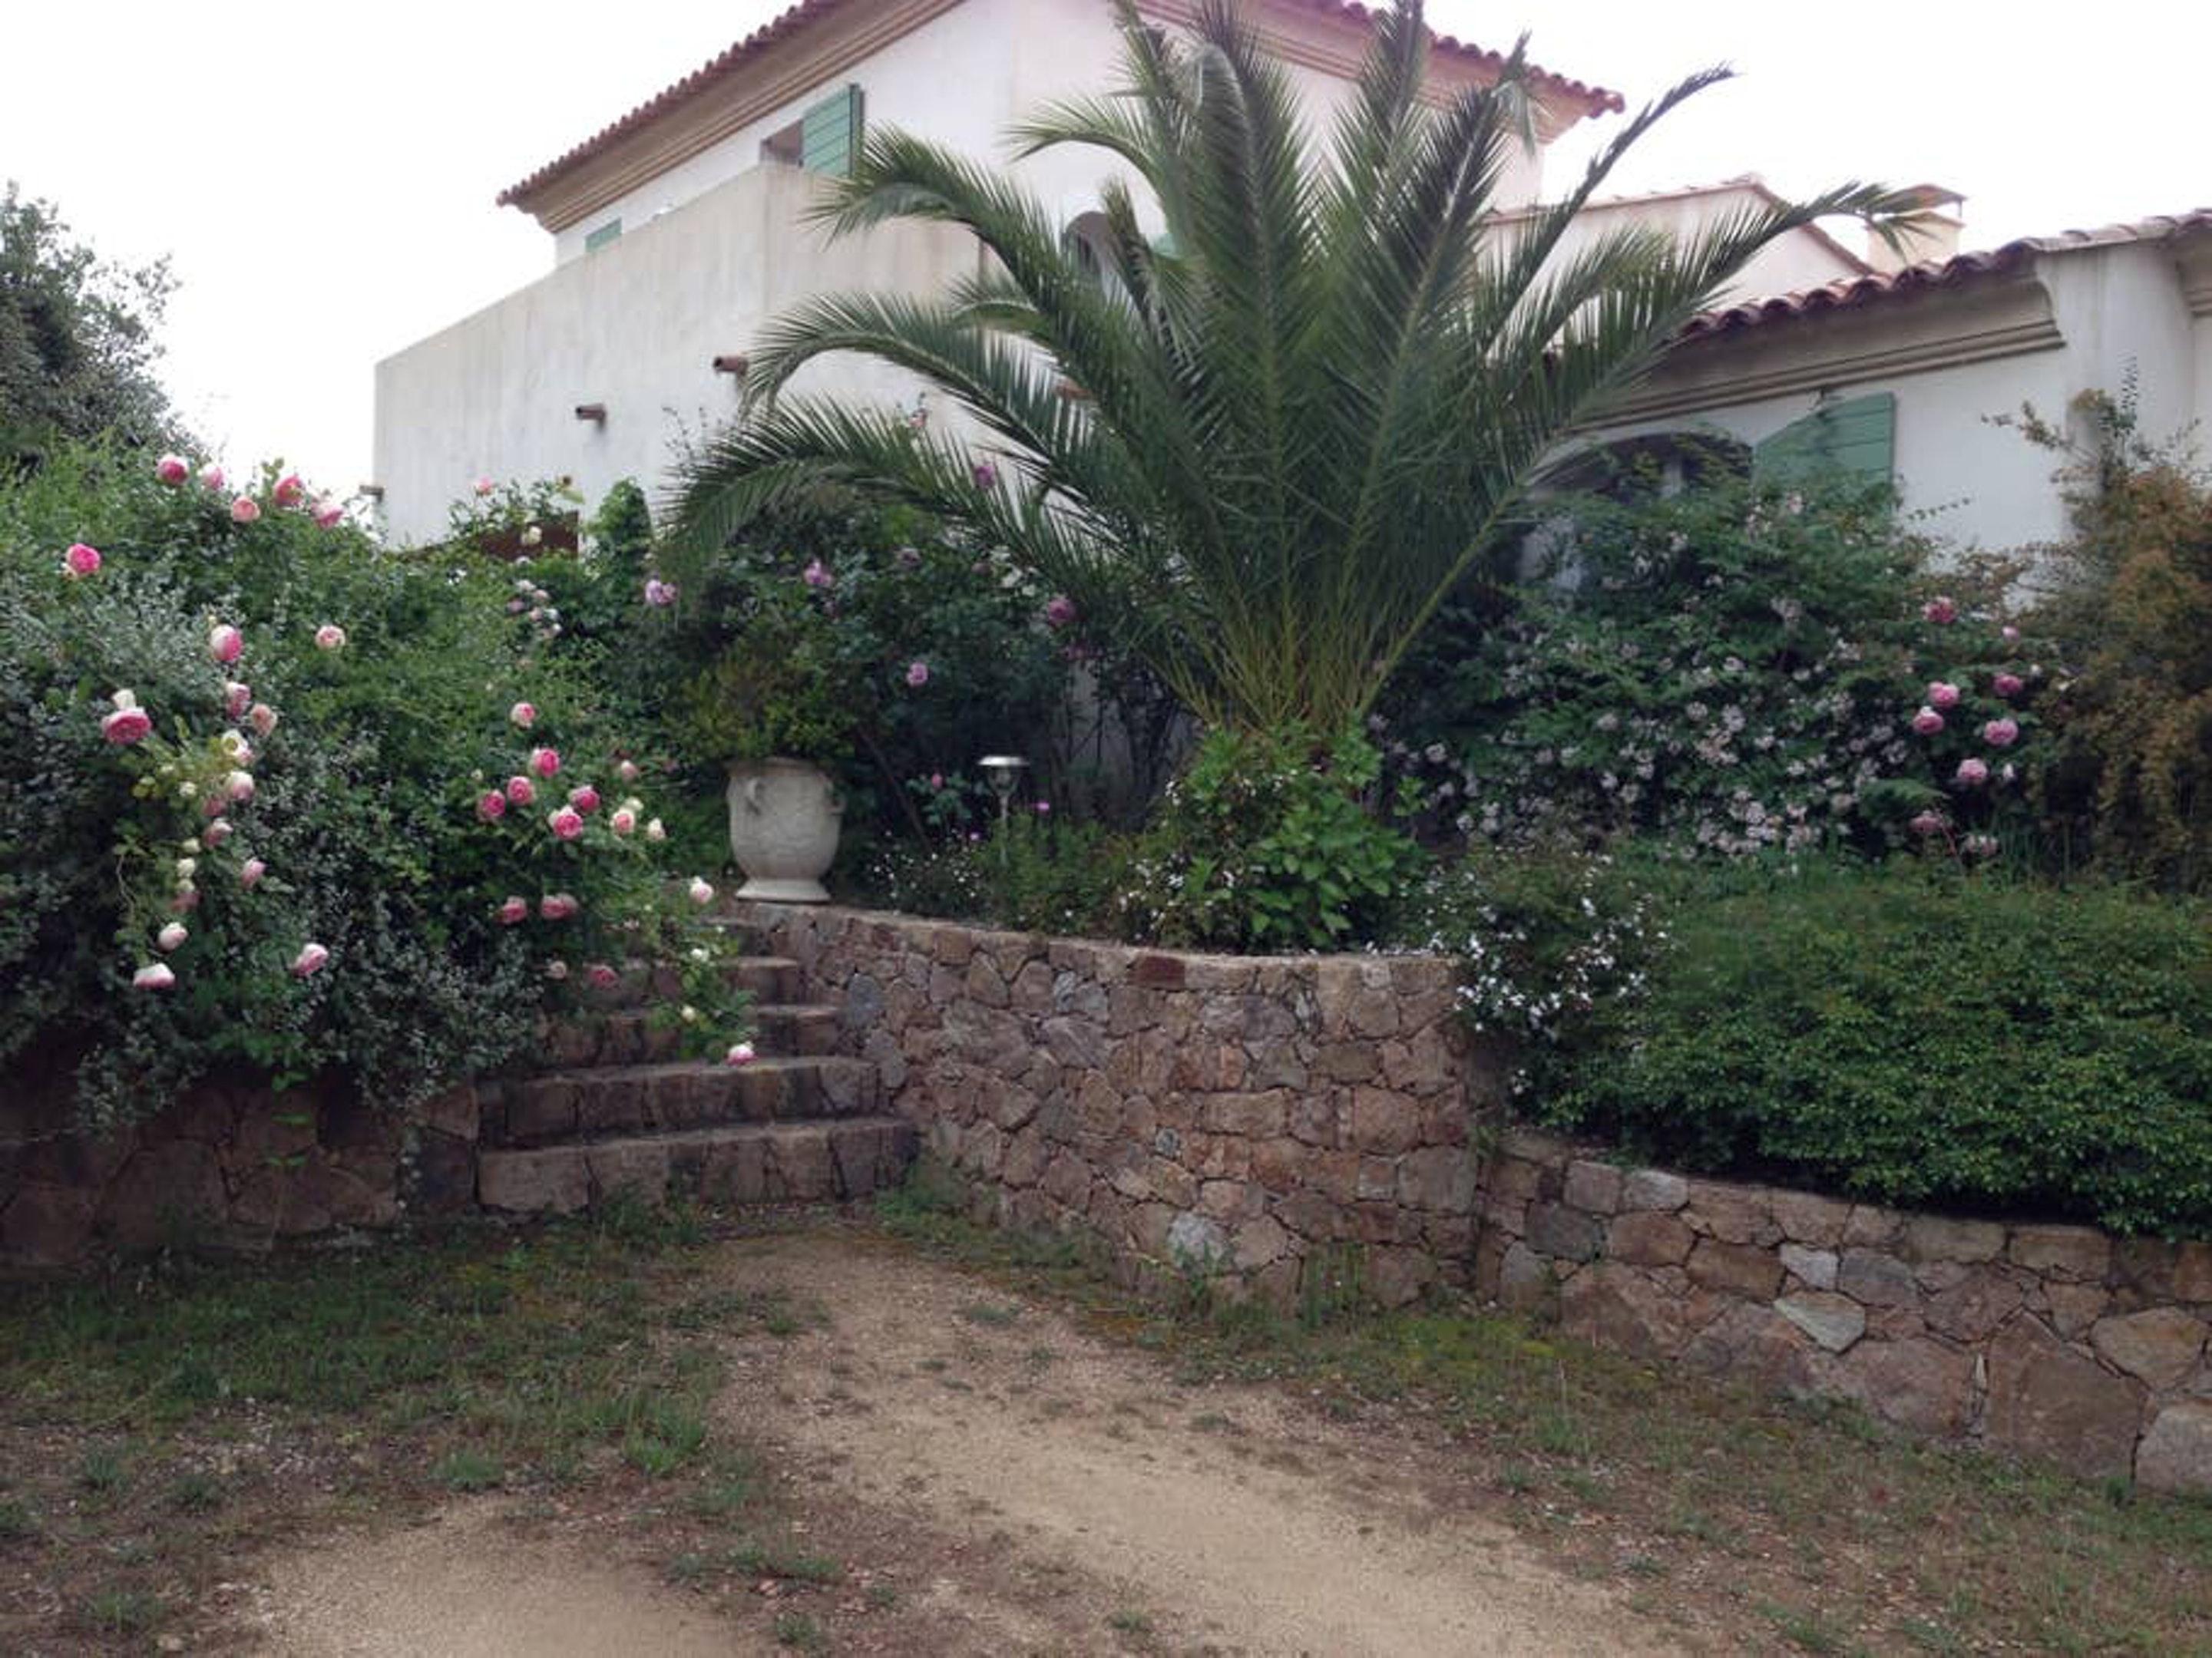 Ferienhaus Villa mit 4 Schlafzimmern in Lumio mit herrlichem Meerblick, privatem Pool, möbliertem Gar (2632533), Lumio, Nordkorsika, Korsika, Frankreich, Bild 18